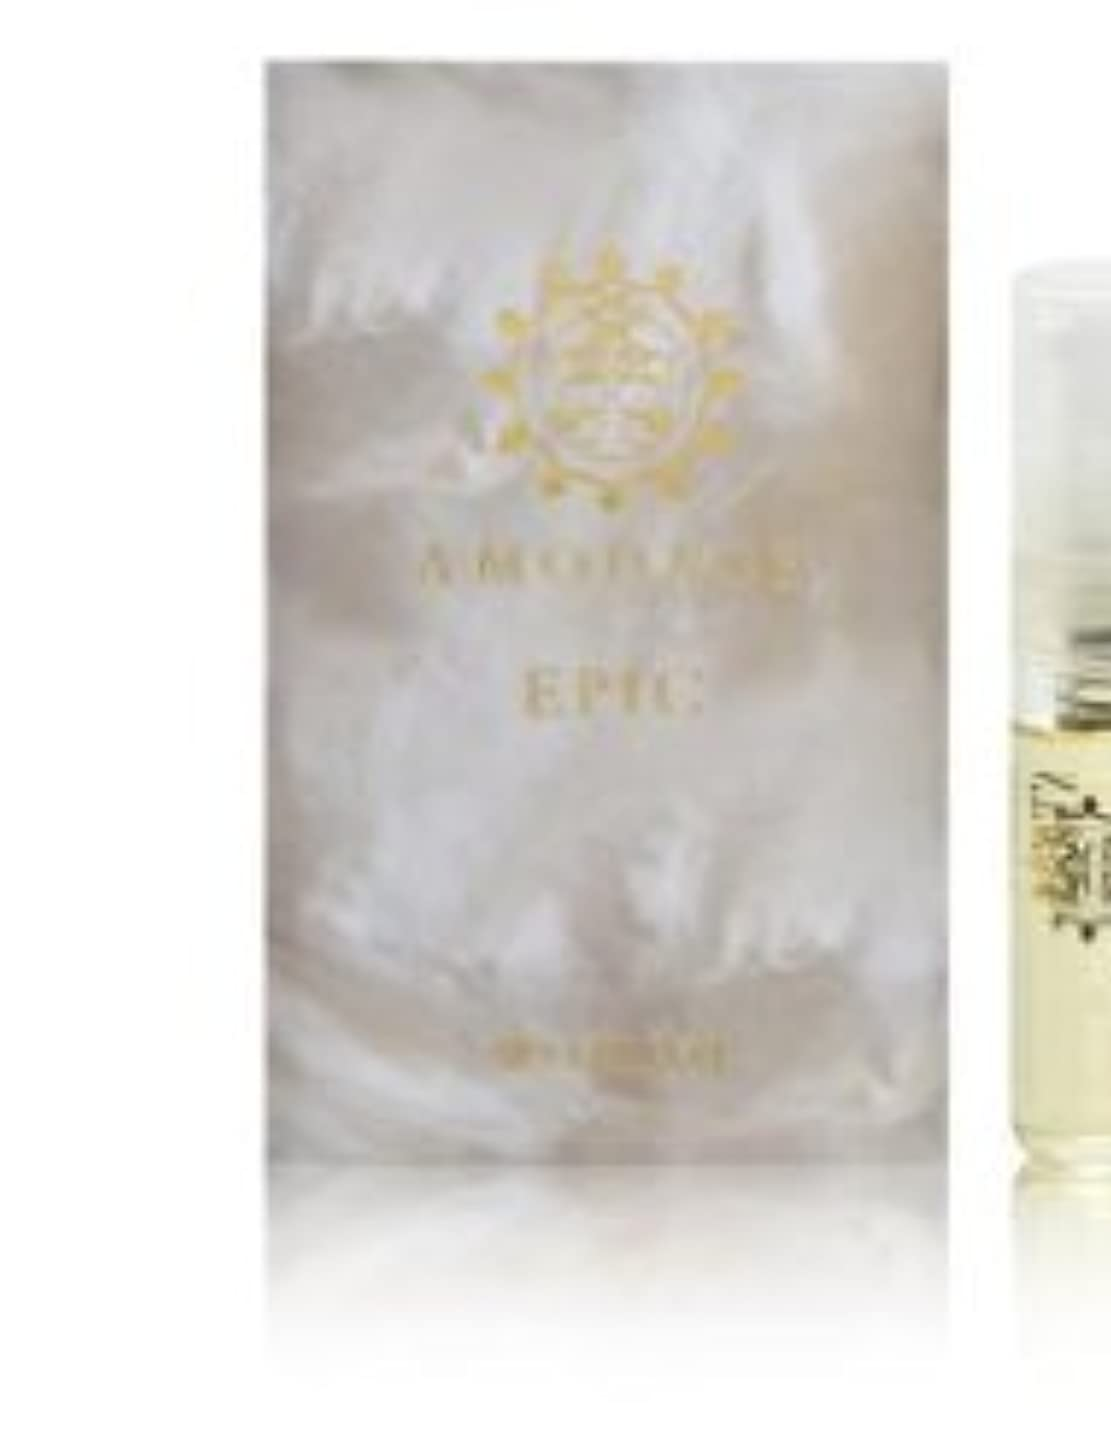 Amouage Epic Woman EDP Vial Sample 2ml (アムアージュ エピック ウーマン オードパルファン 2ml )[海外直送品]